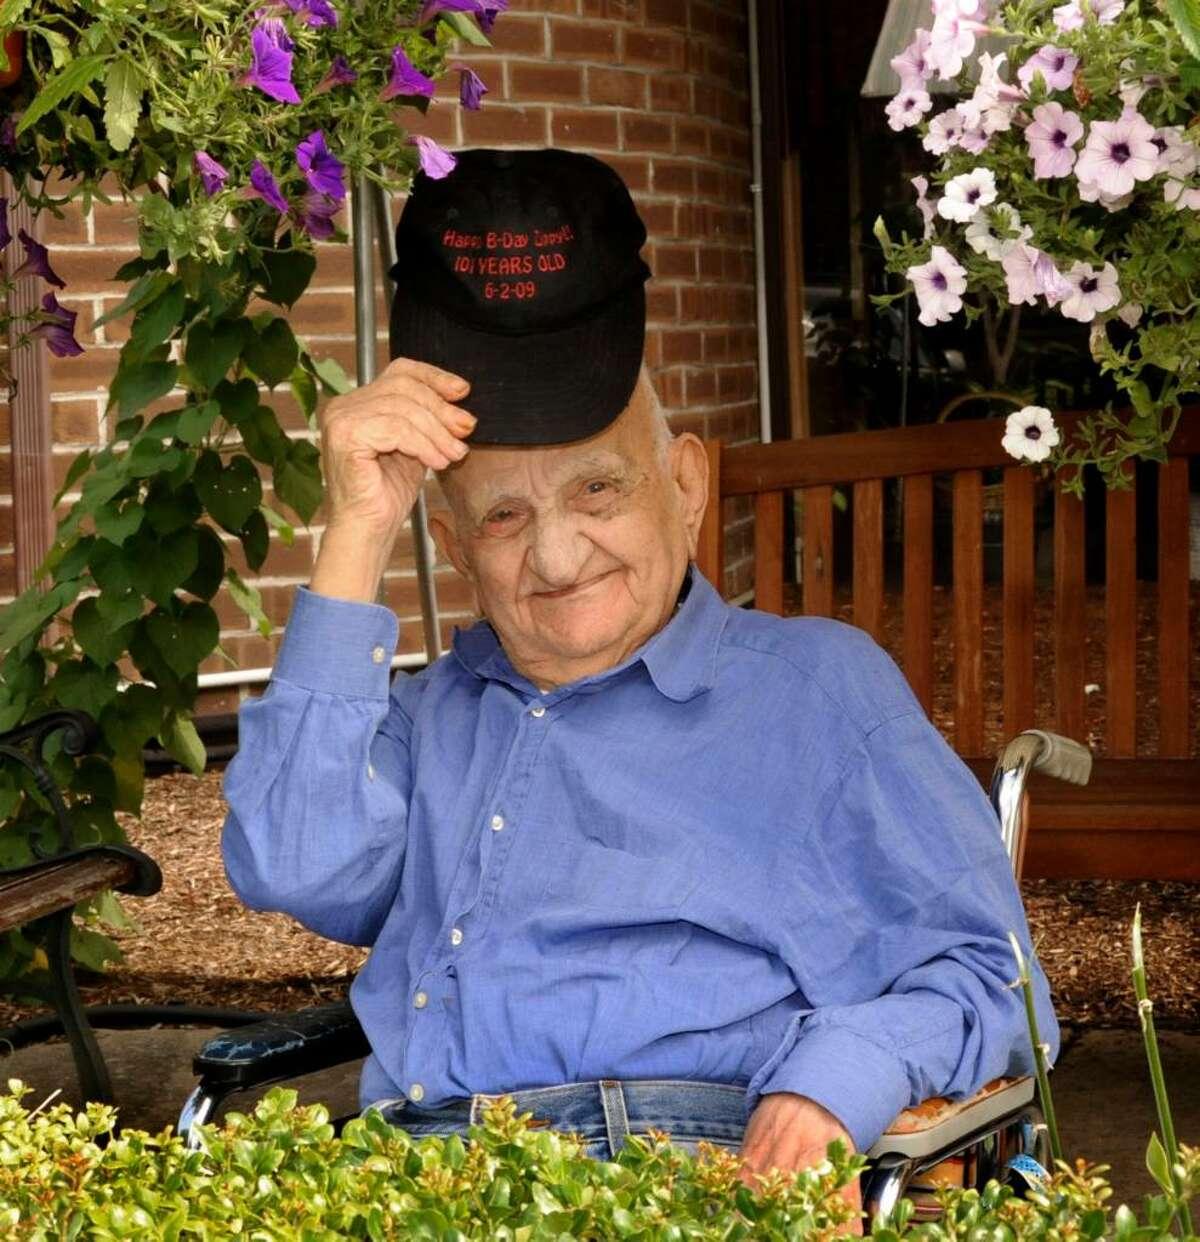 Genaro Zipparo, who turned 101 this June, outside Danbury HealthCare on thursday.